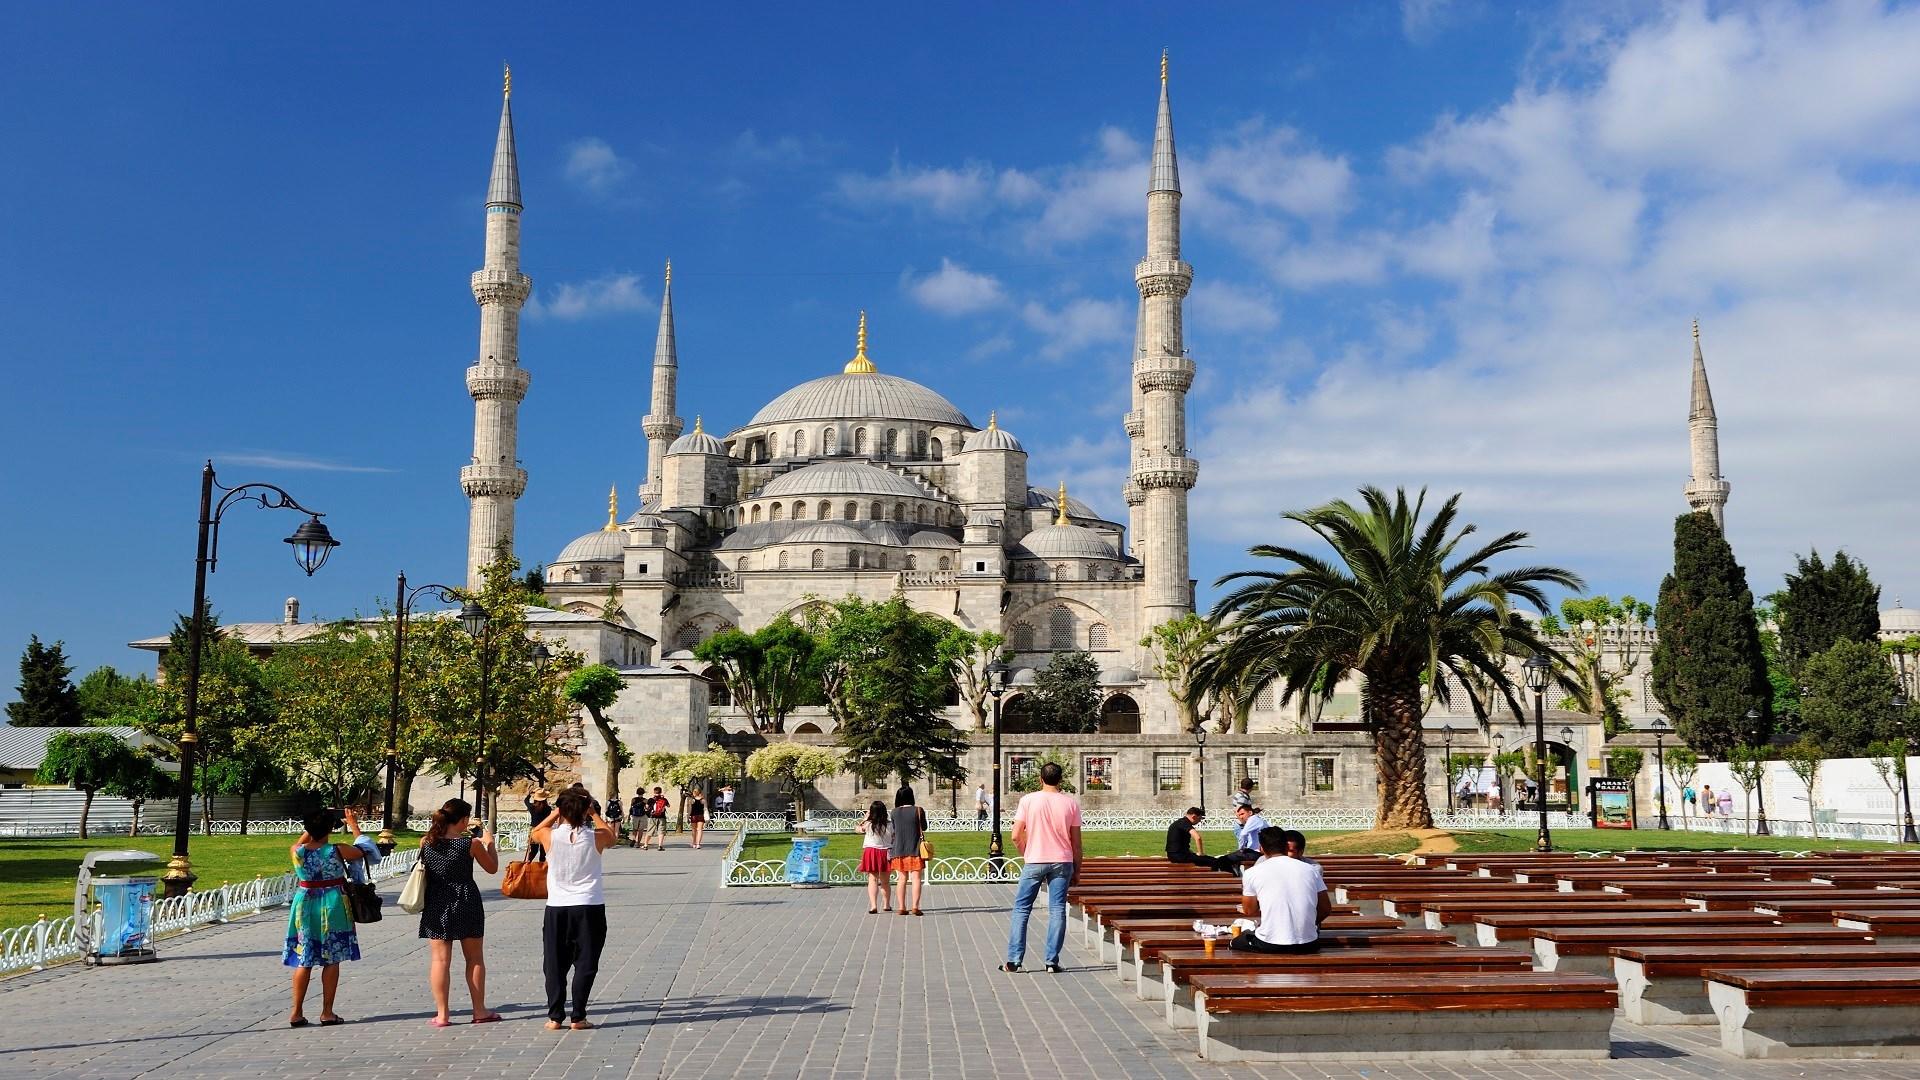 الأمم المتحدة تعلن تكبد قطاع السياحة العالمي خسائر تقدر بـ 1300 مليار دولار خلال 2020